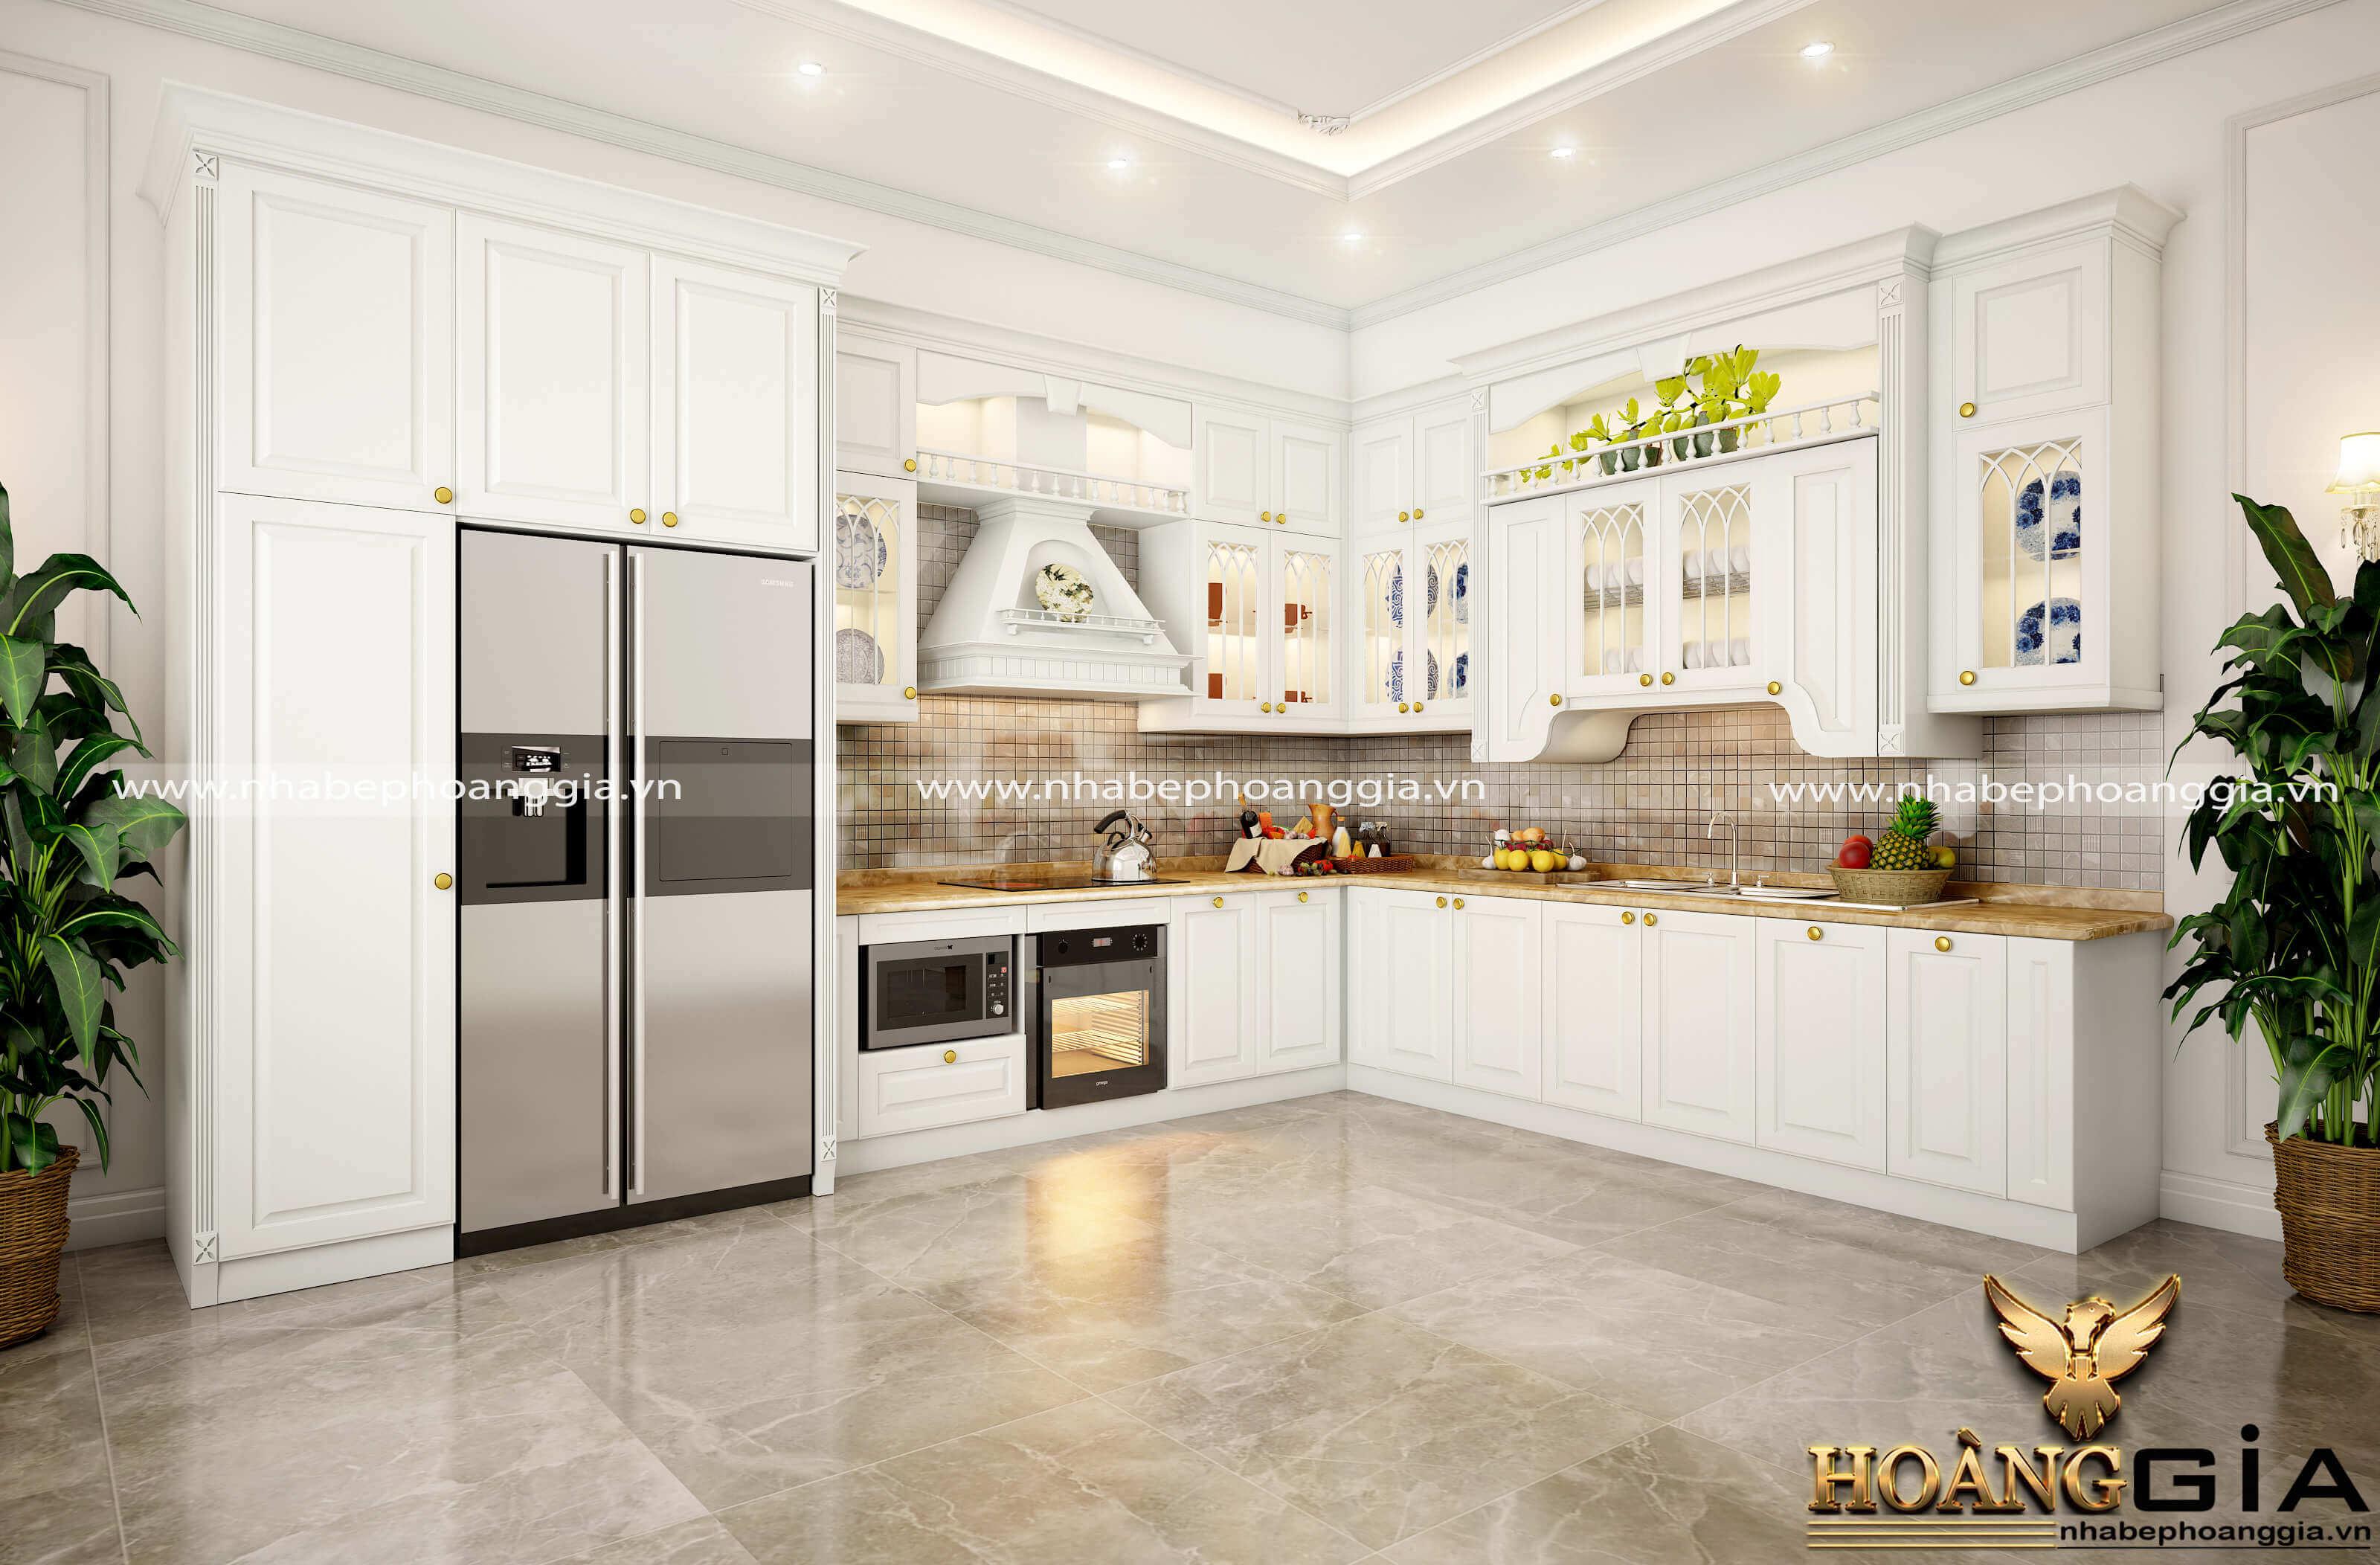 bố trí hướng tủ lạnh trong bếp